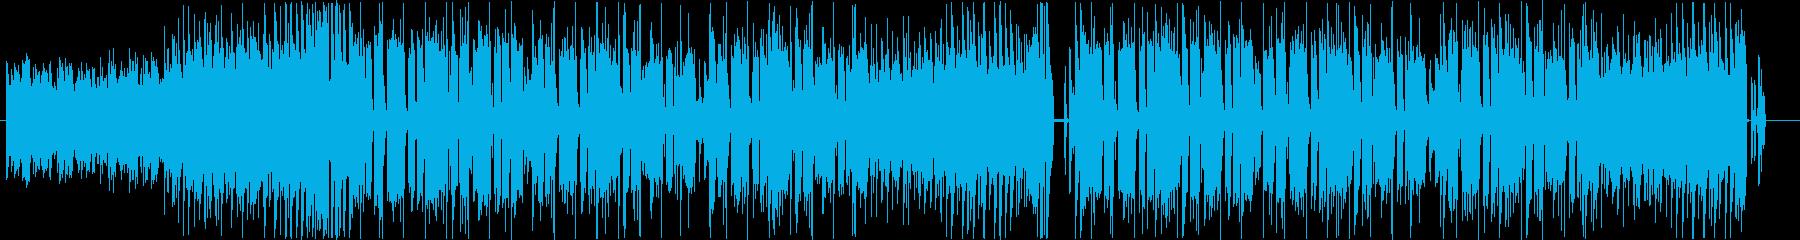 疾走感、kawaii、和風EDMの再生済みの波形